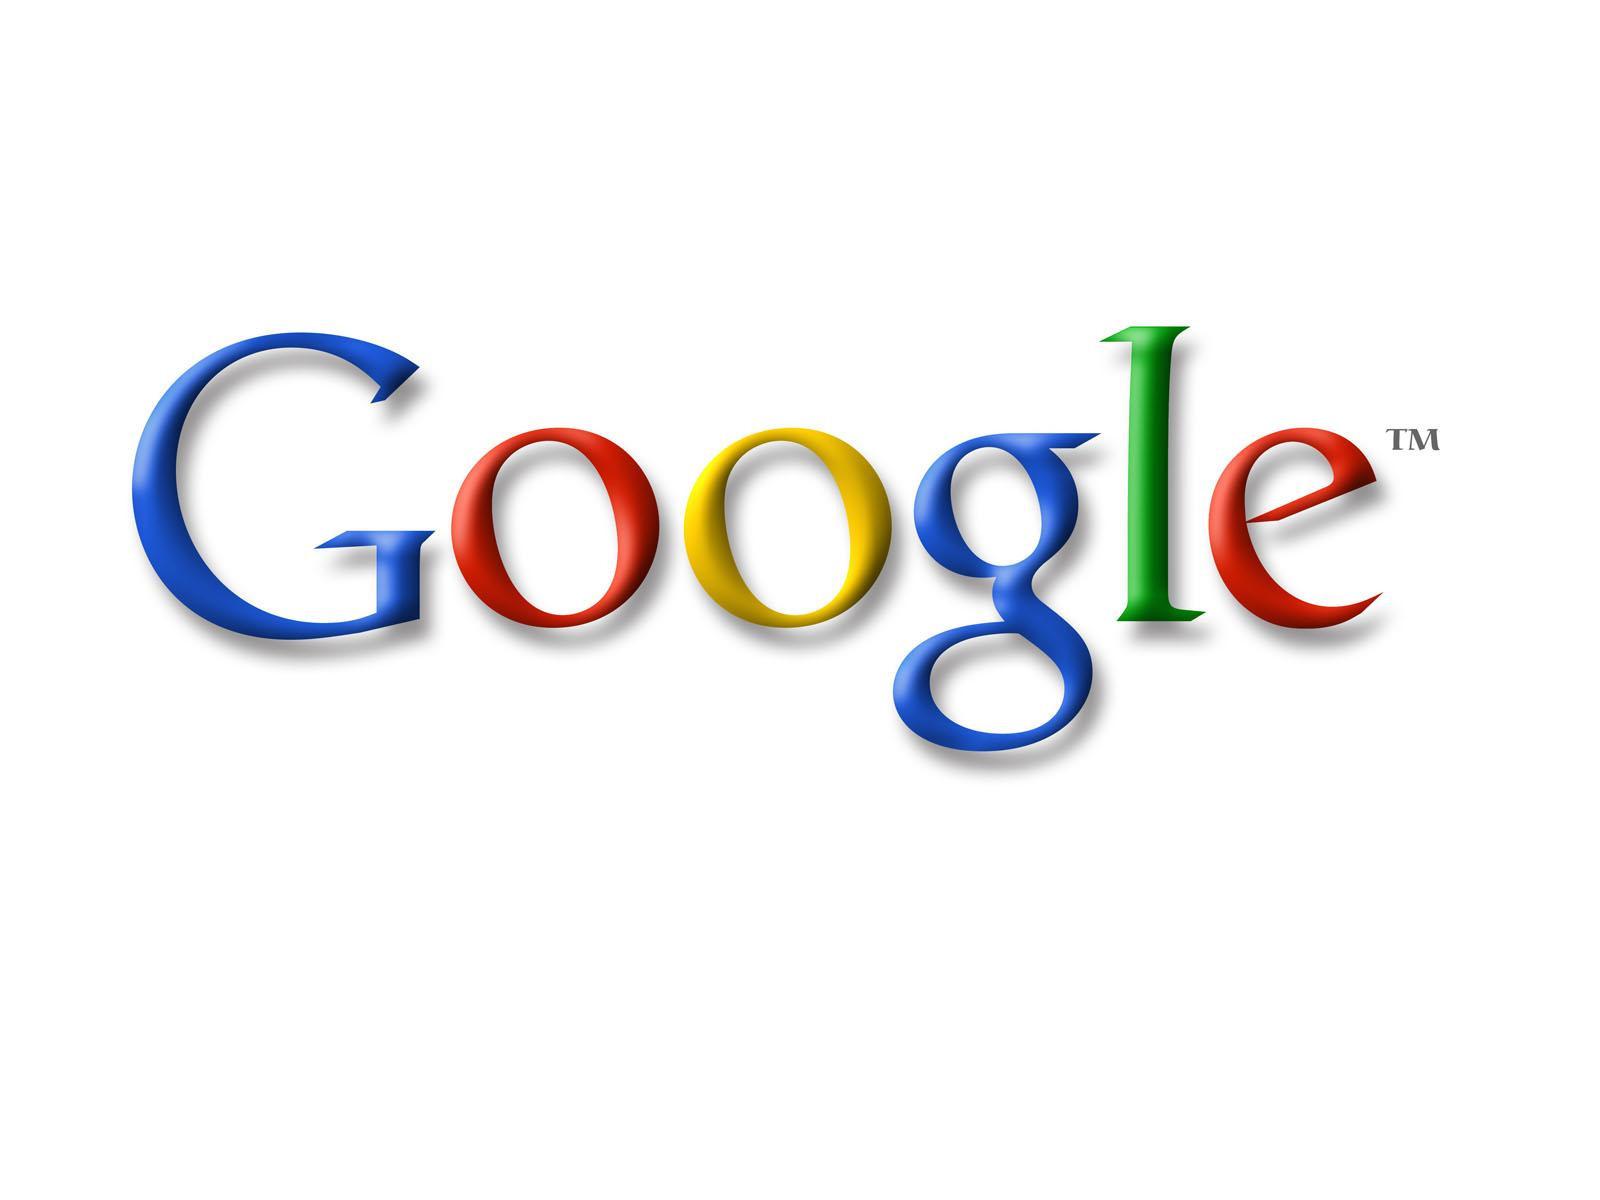 Google активизировал функцию популярного консультанта-стилиста